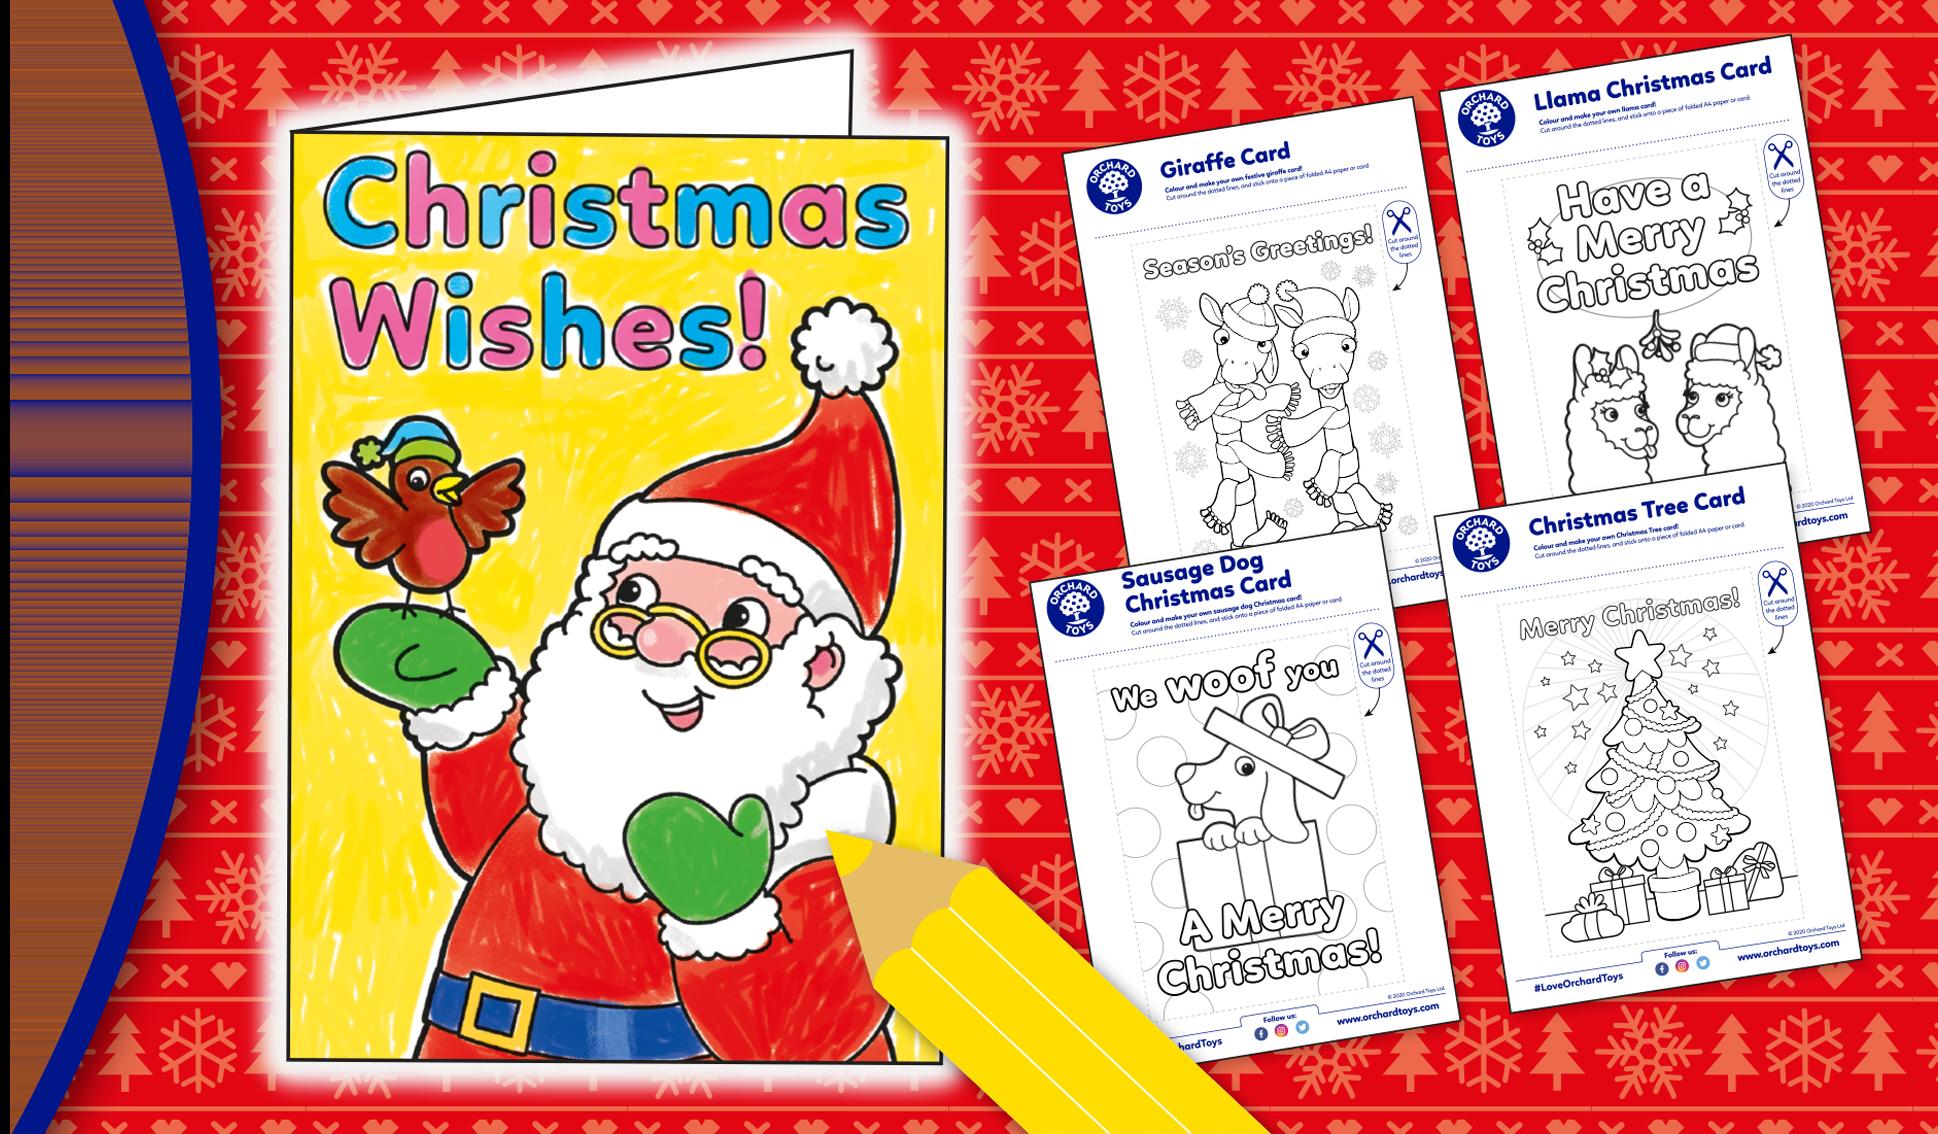 MYO Christmas Cards